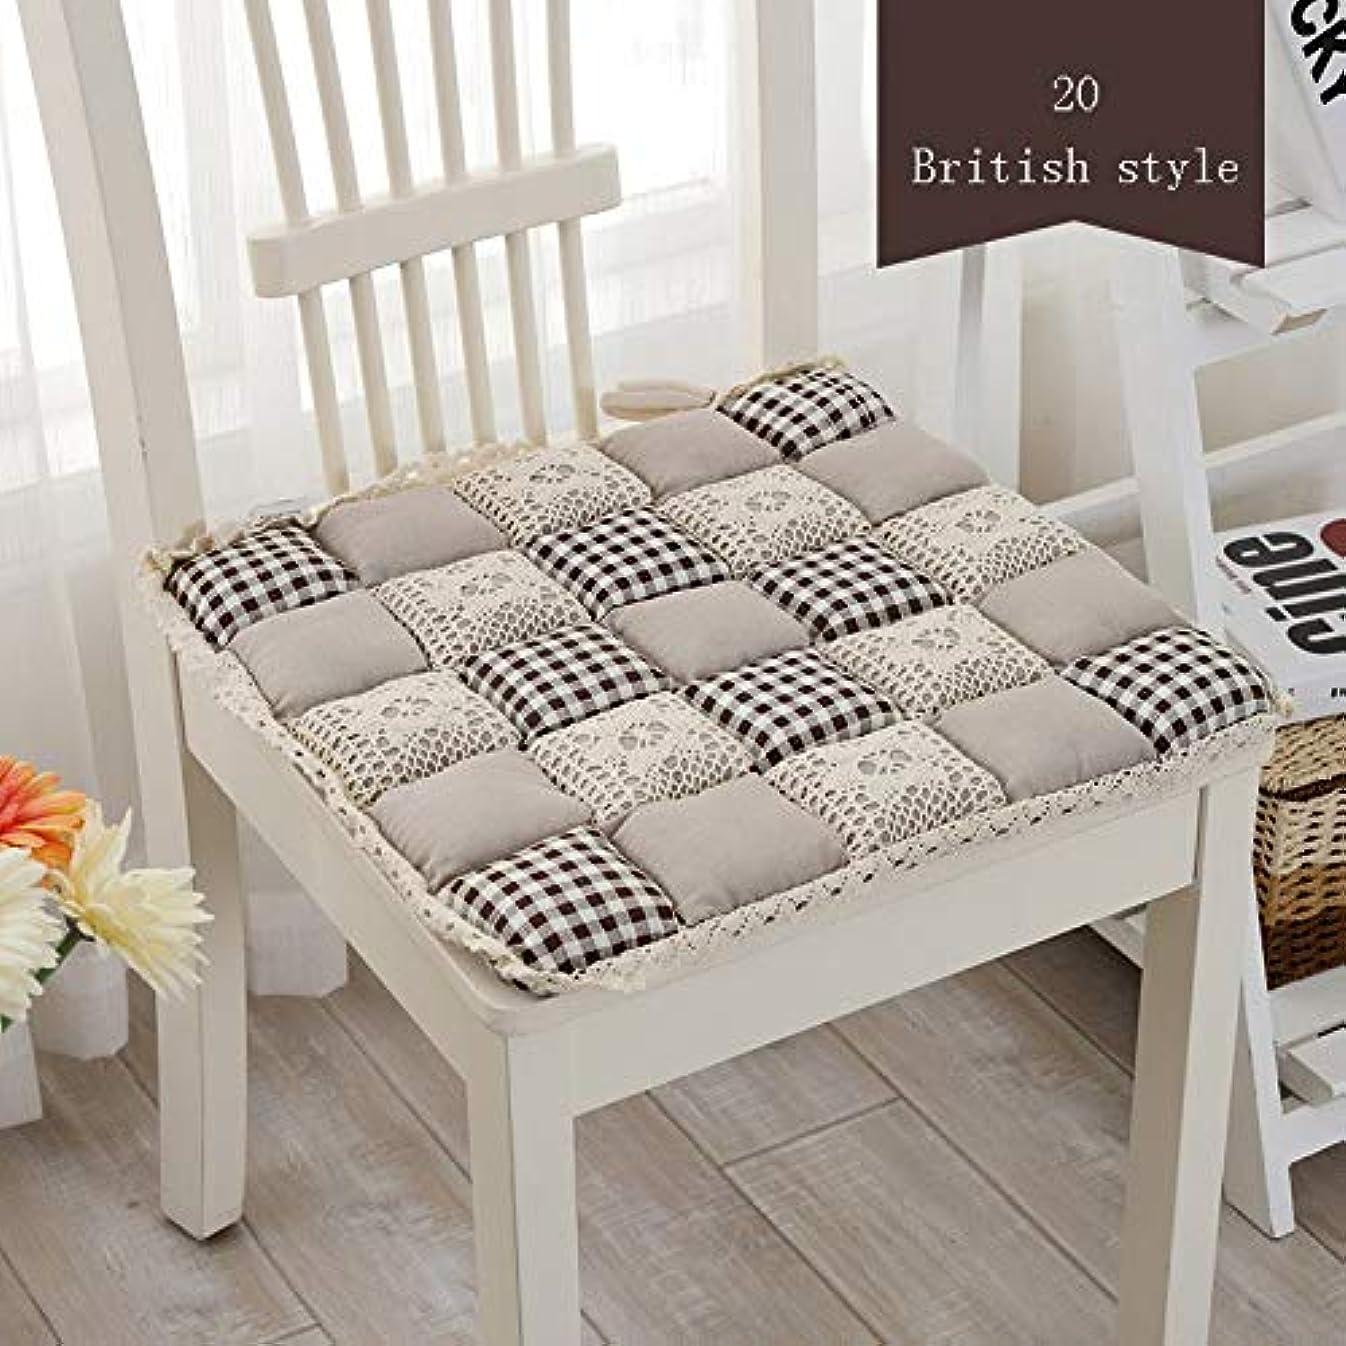 涙敬意困ったLIFE 1 個抗褥瘡綿椅子クッション 24 色ファッションオフィス正方形クッション学生チェアクッション家の装飾厚み クッション 椅子